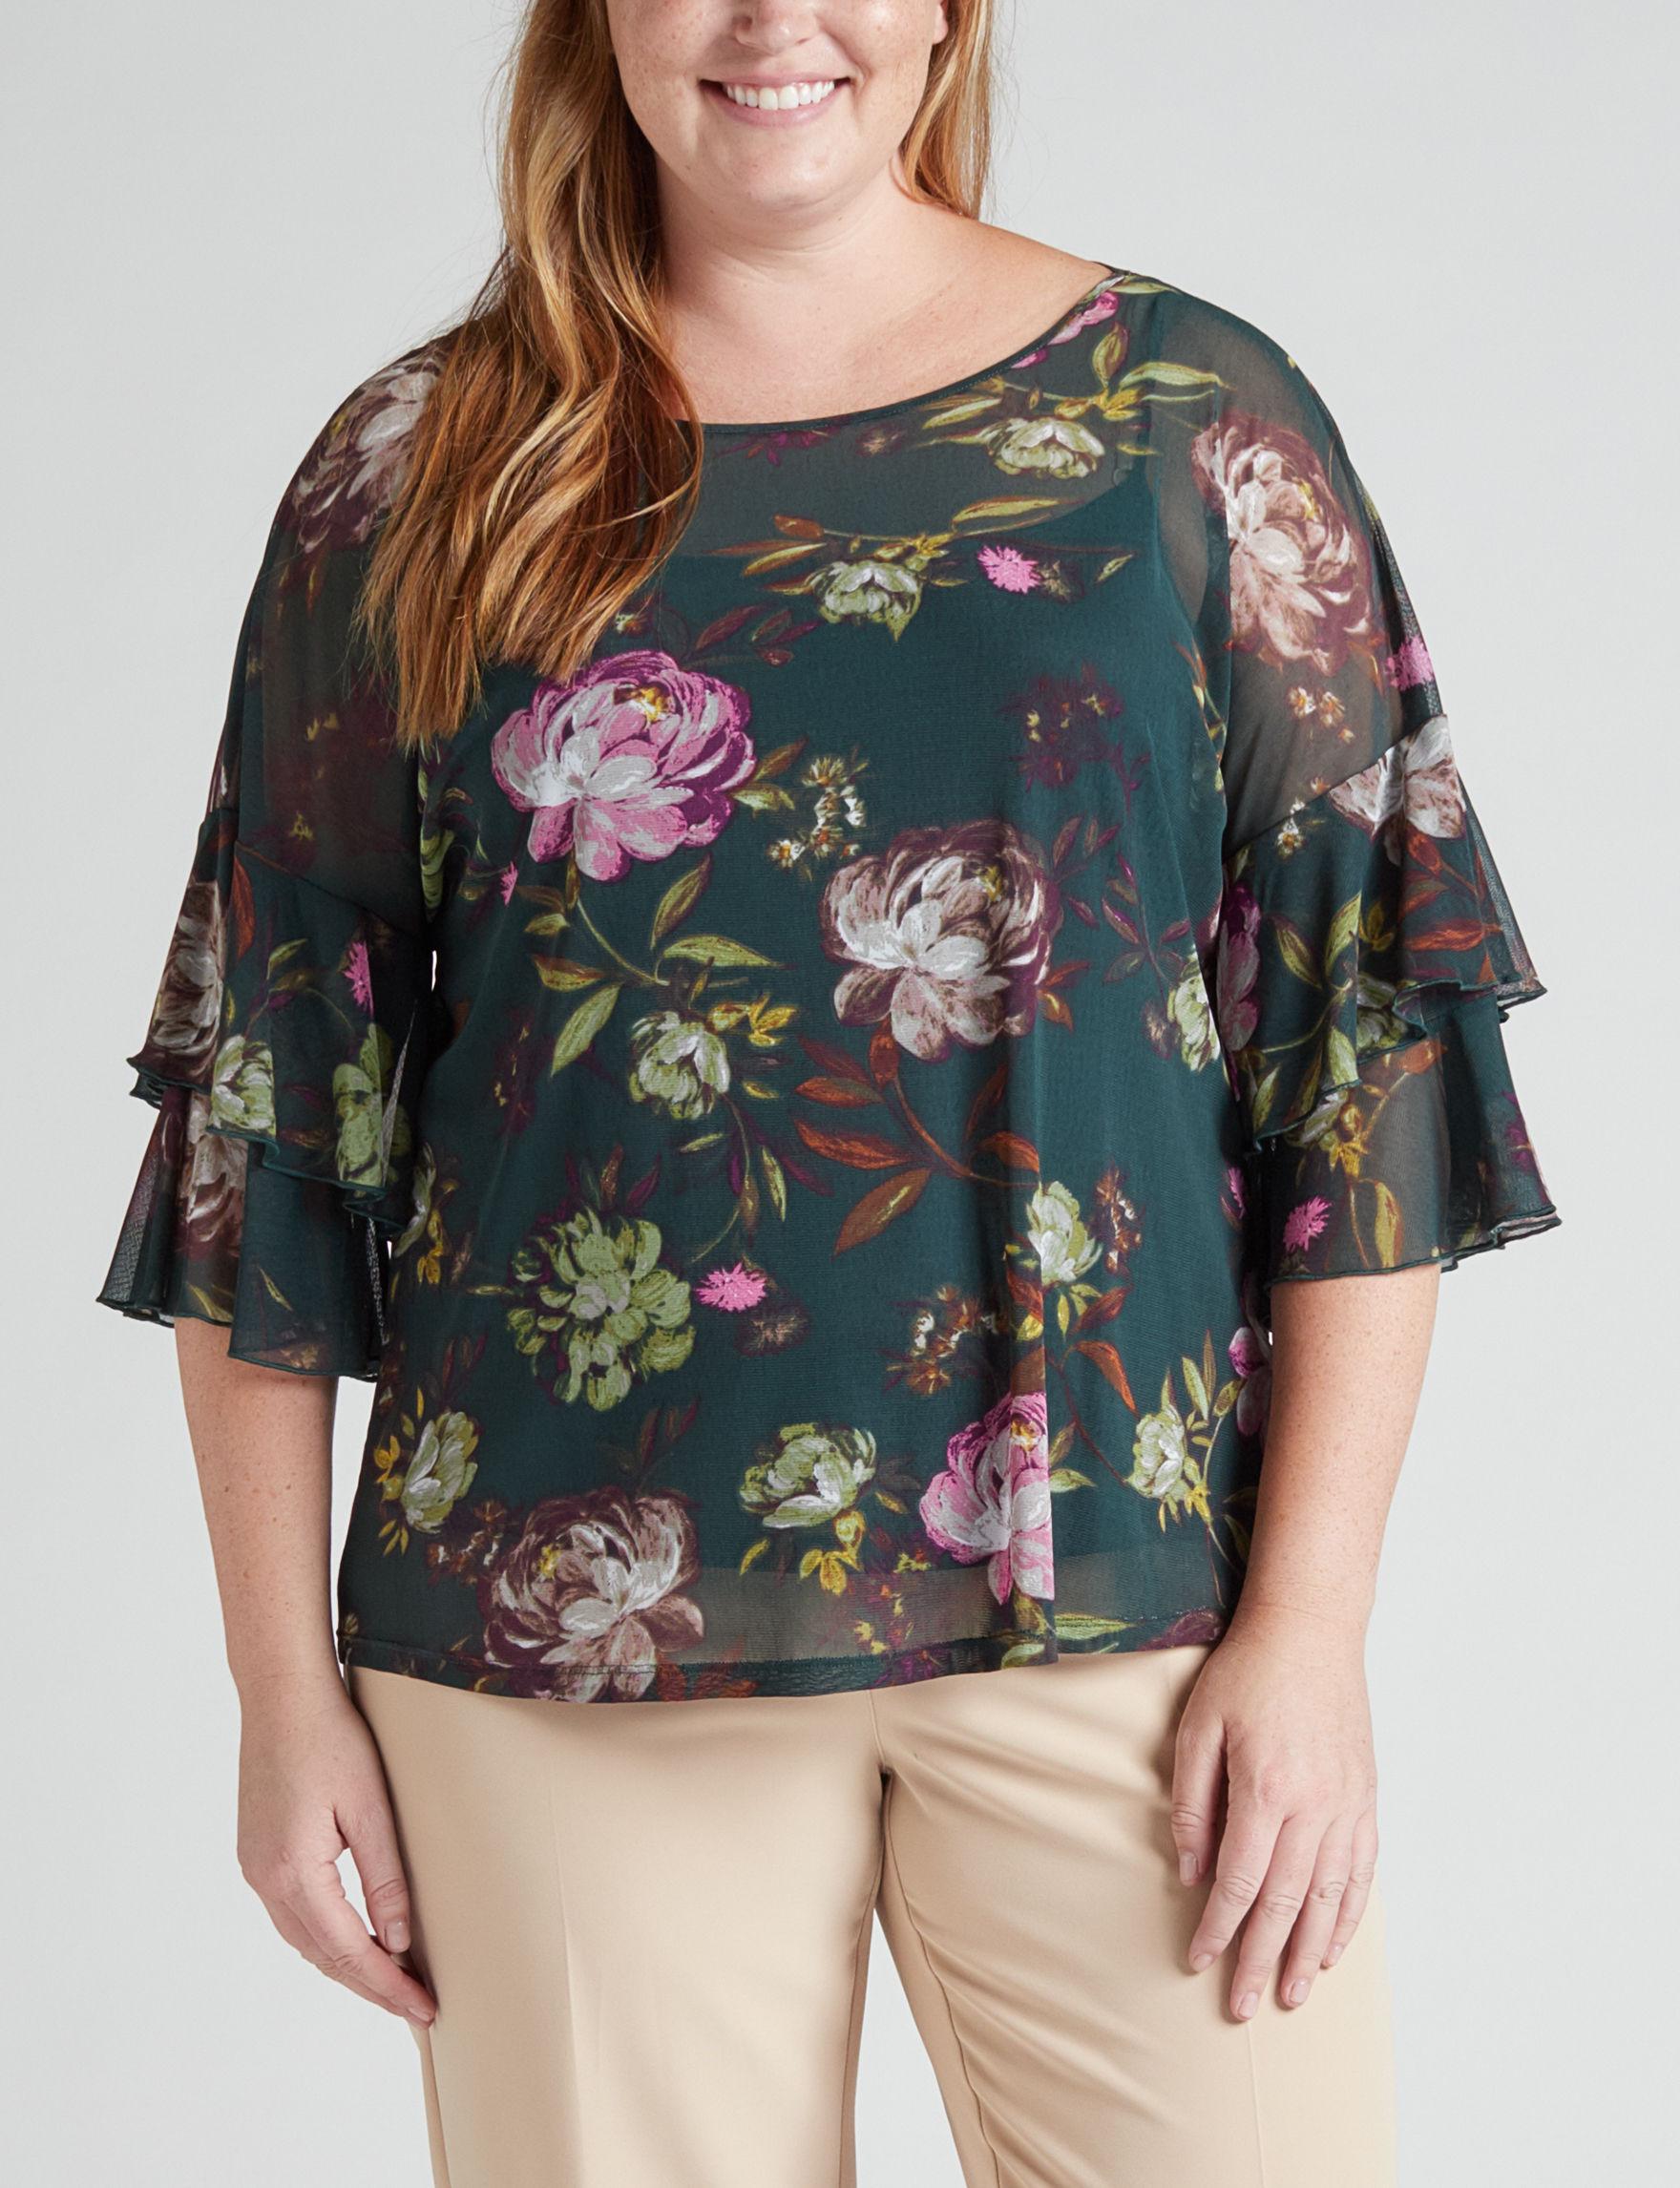 Zac & Rachel Green Floral Shirts & Blouses